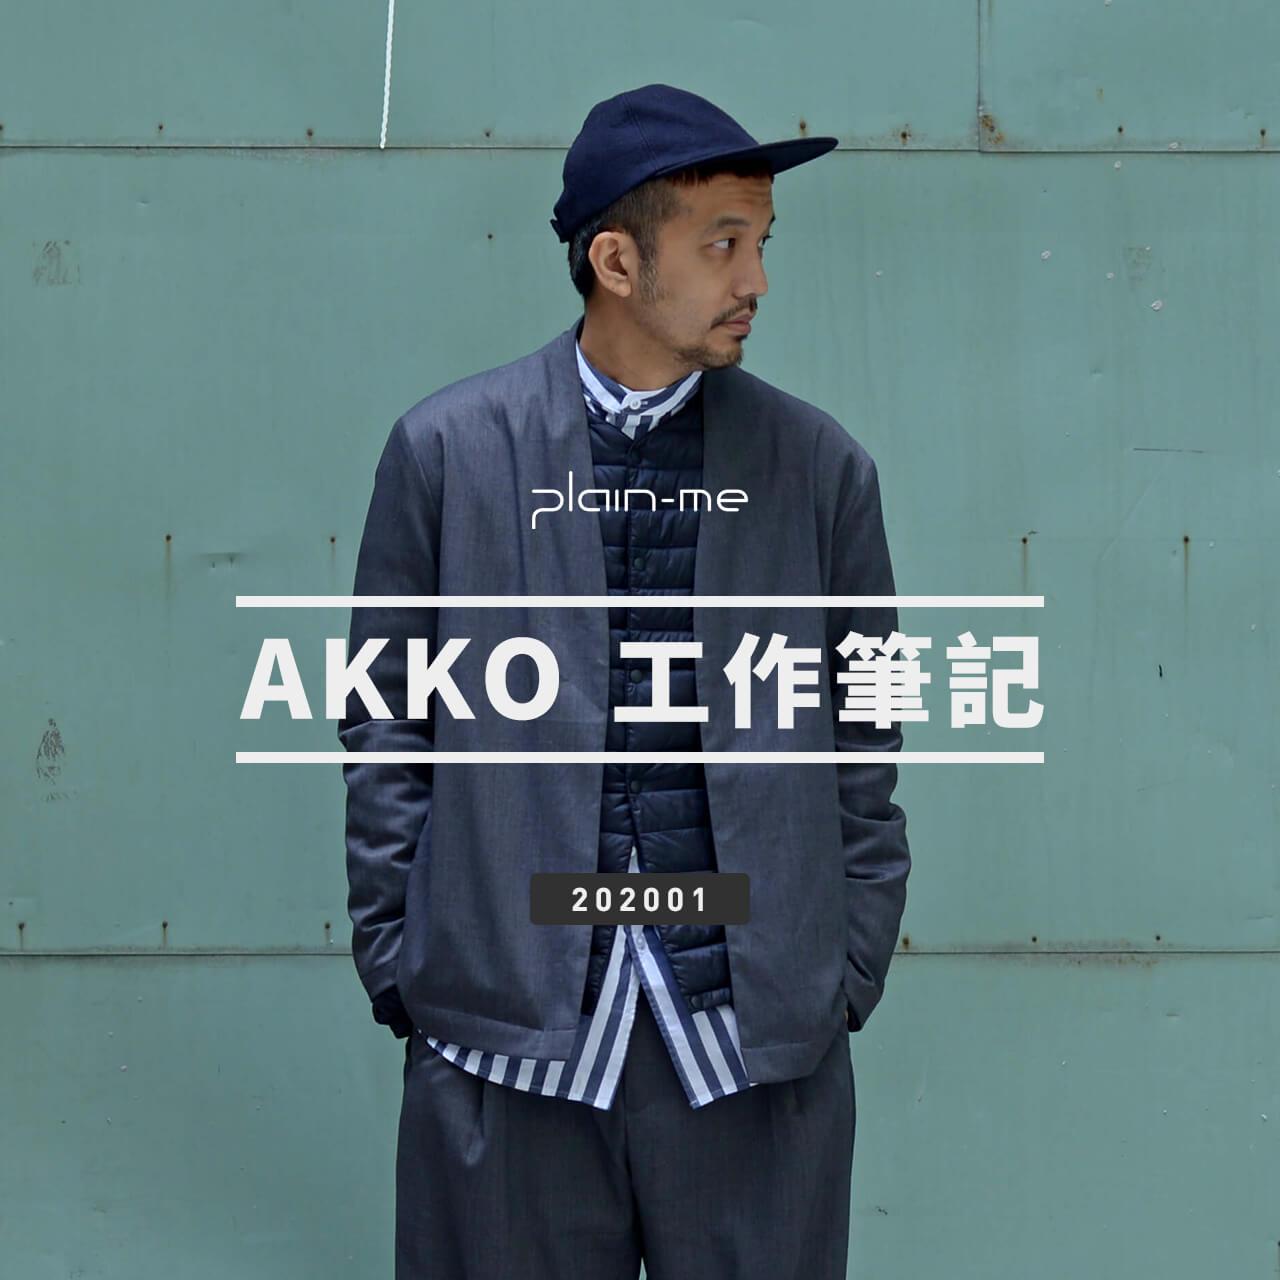 akko 工作筆記